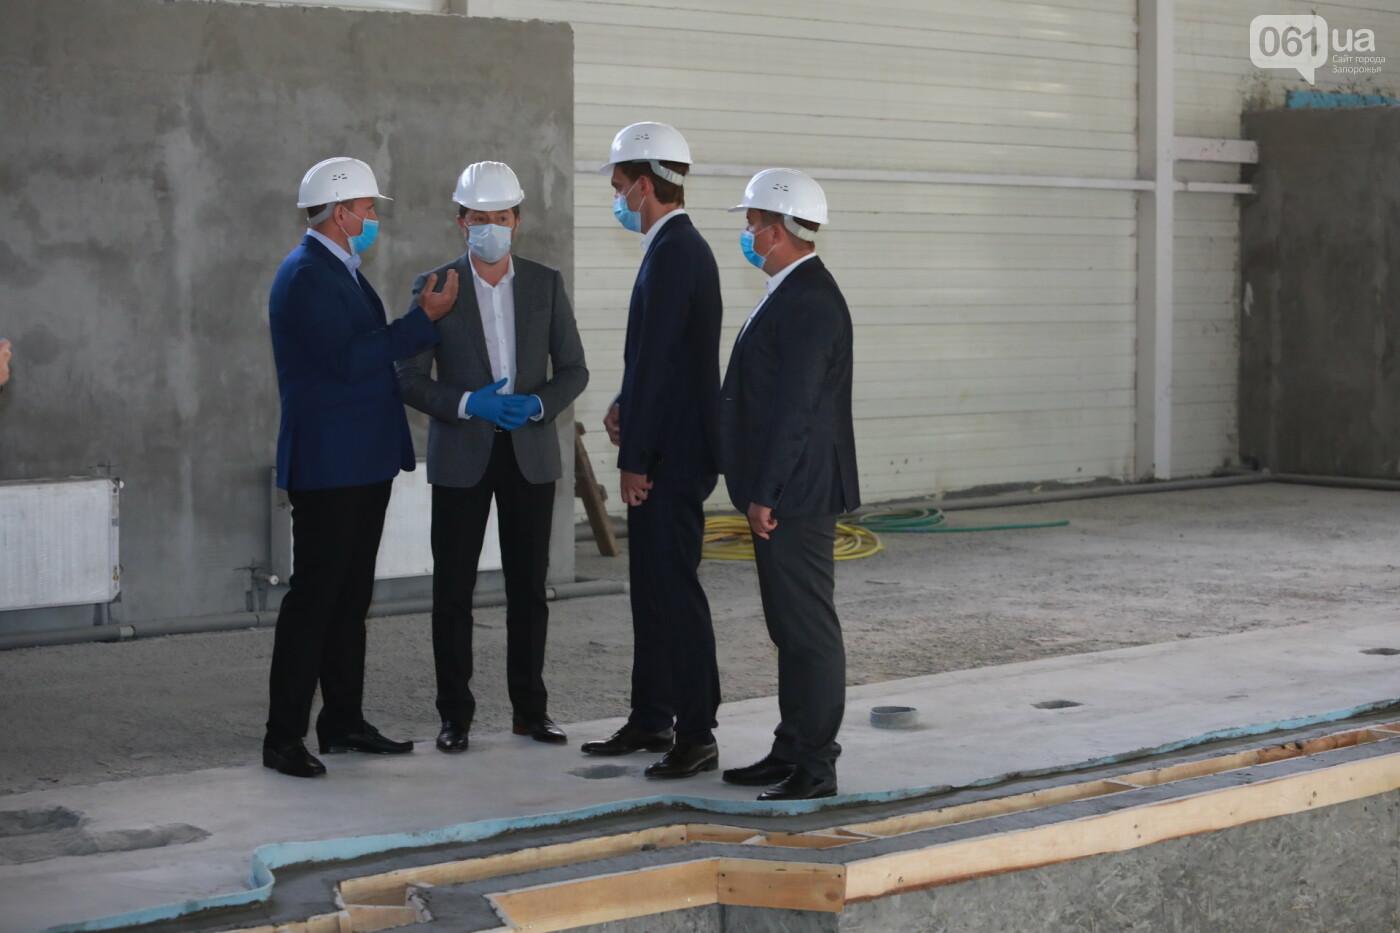 В Мелитополе полным ходом идет строительство водно-спортивного комплекса на 78 миллионов, - ФОТО, фото-6